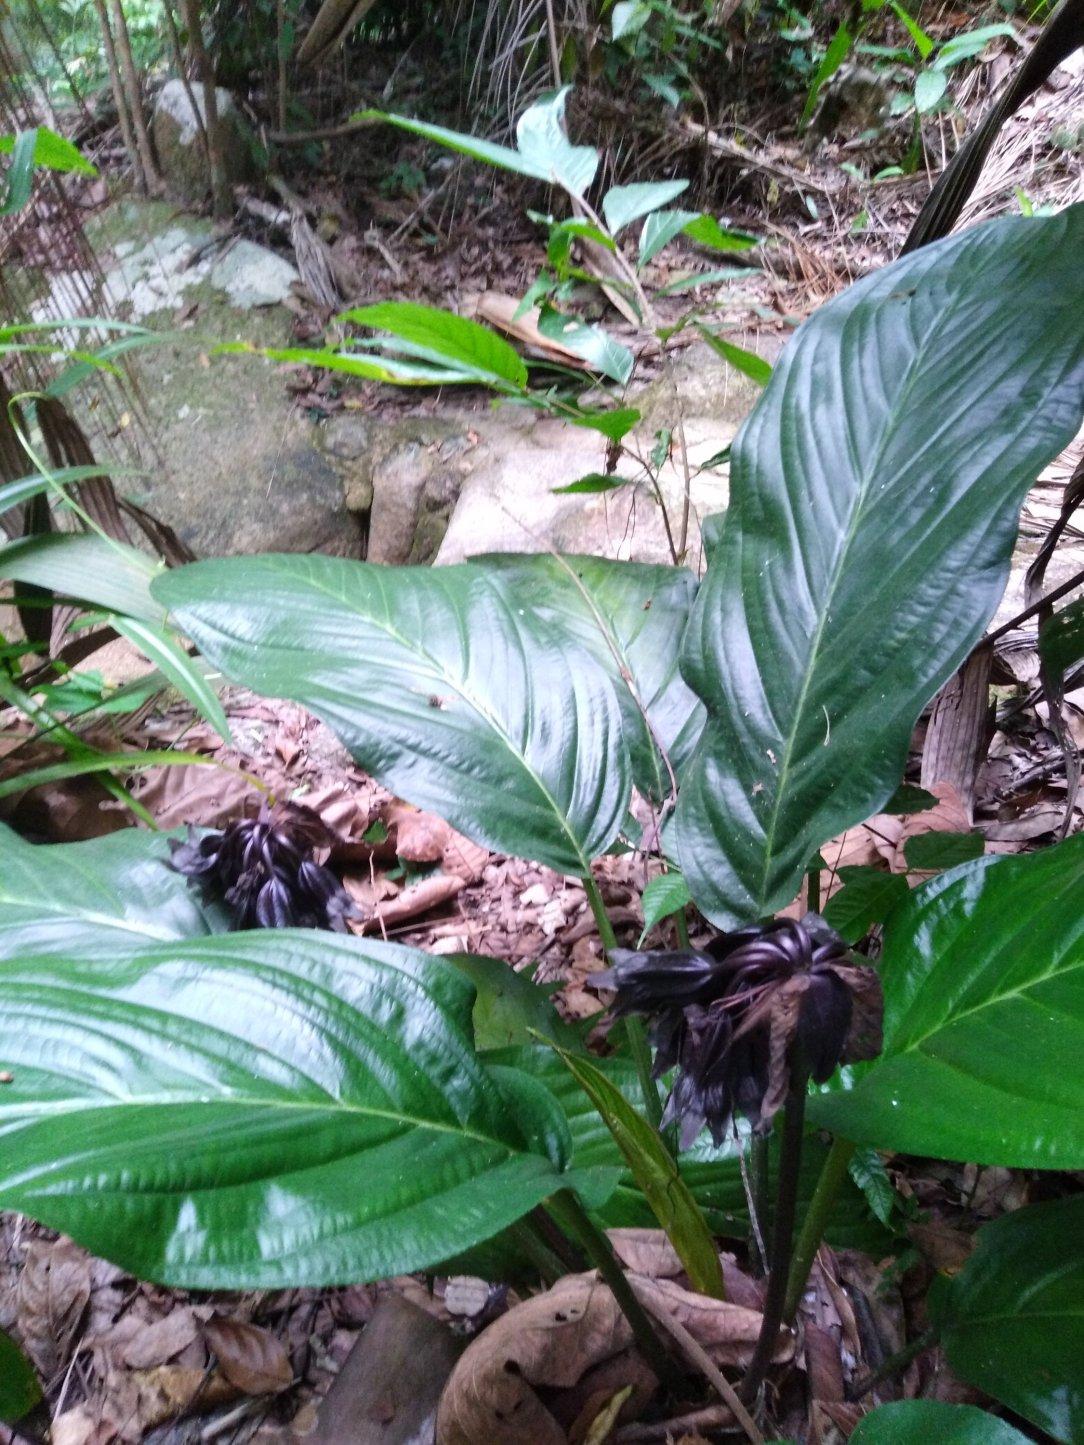 penang botanic garden floura and fauna